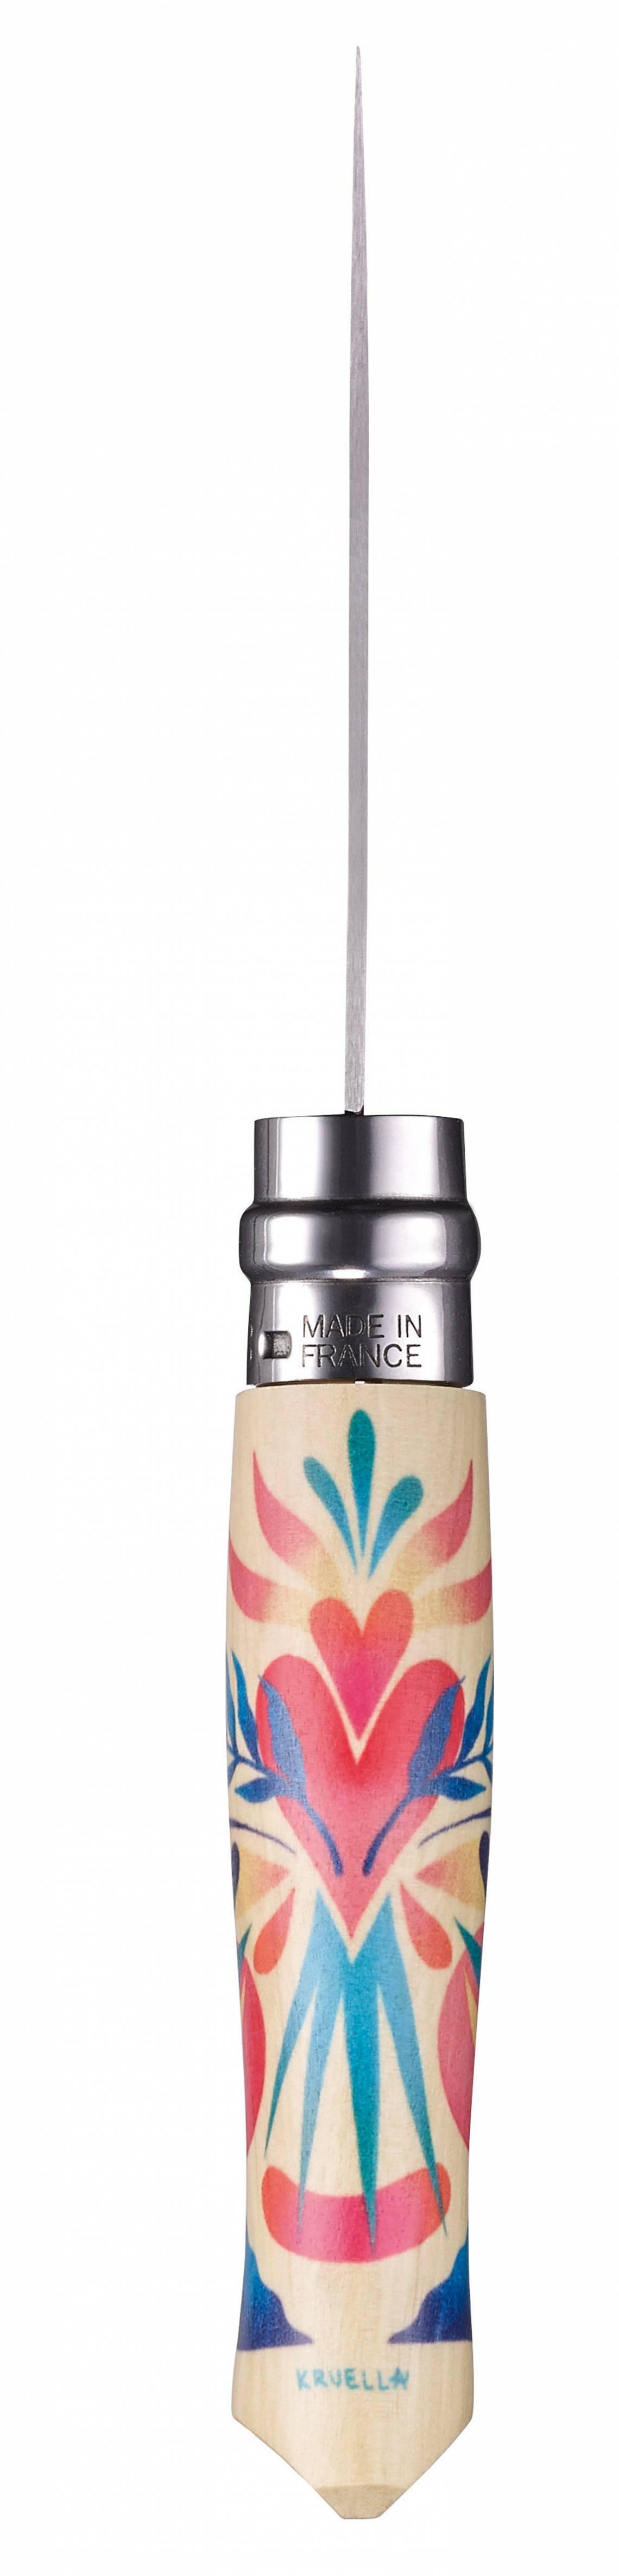 Opinel-Messer mit ganz viel Liebe: Serie Edition Amour / Design Kruella d'Enfer / Messerrücken